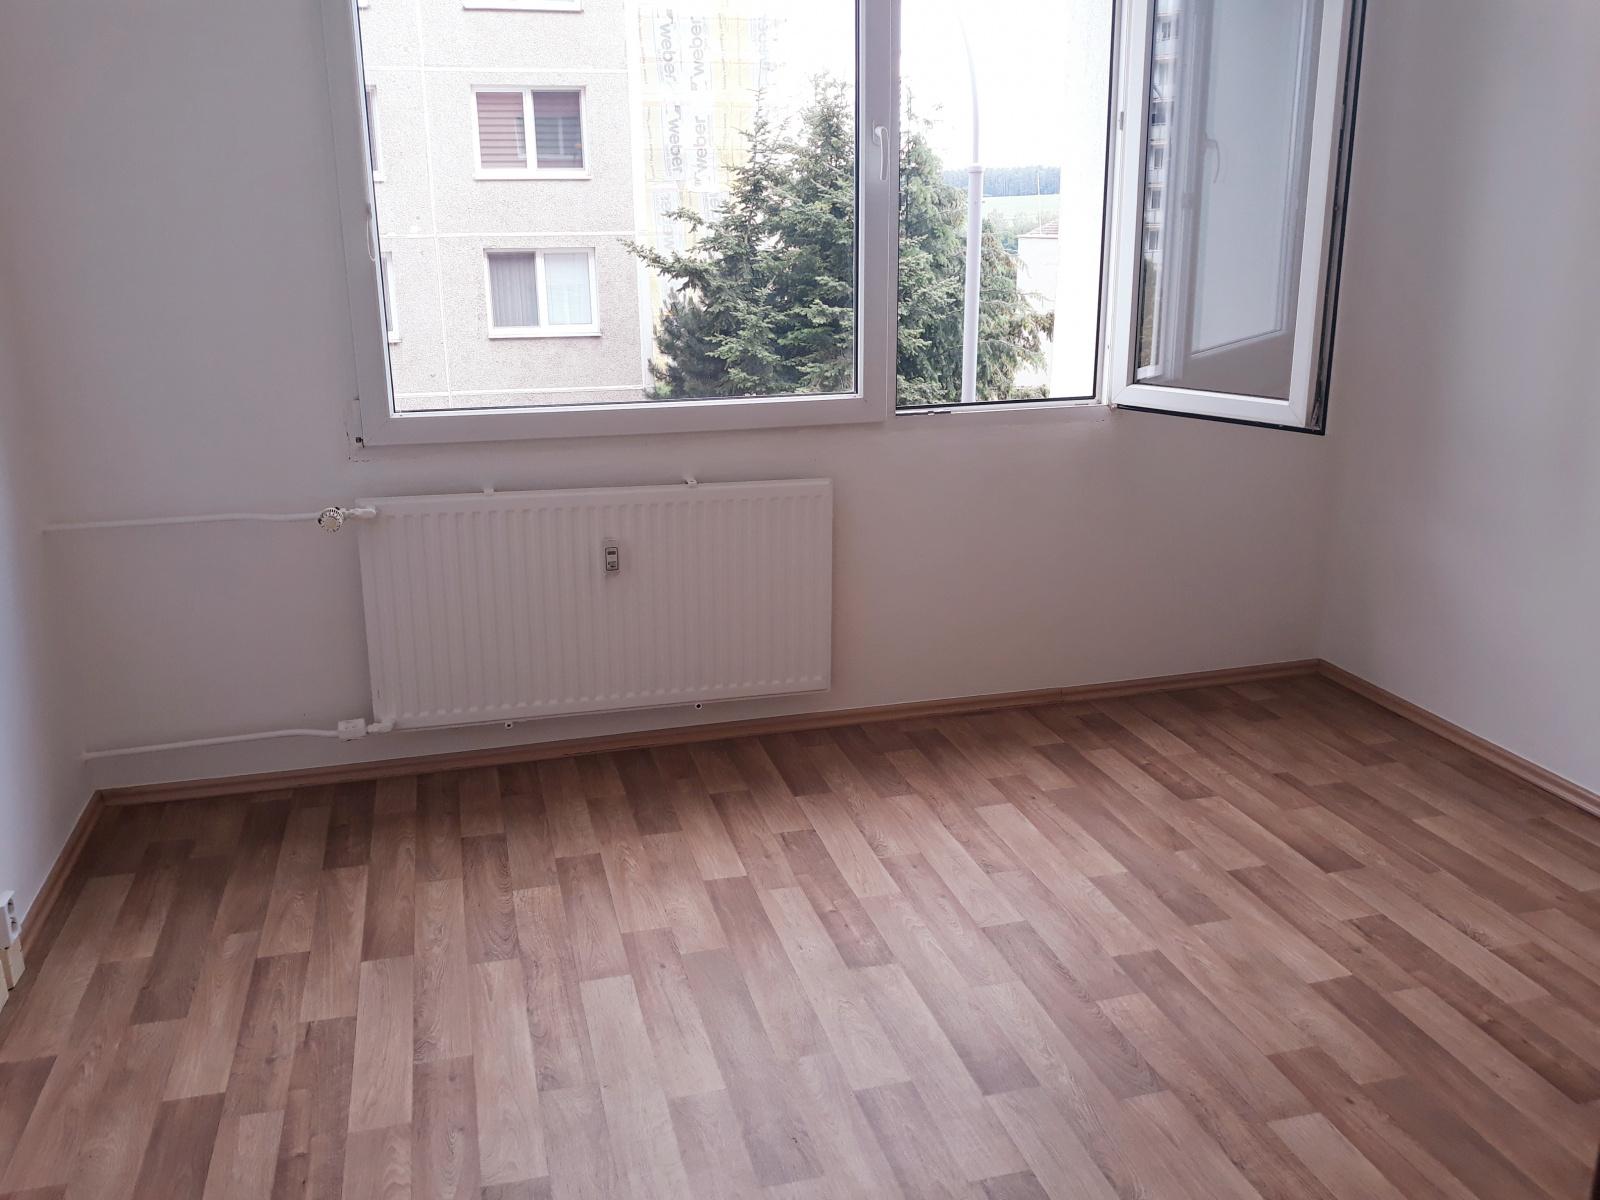 Pronájem, byt 1+1, ul. Komenského, Horní Bříza